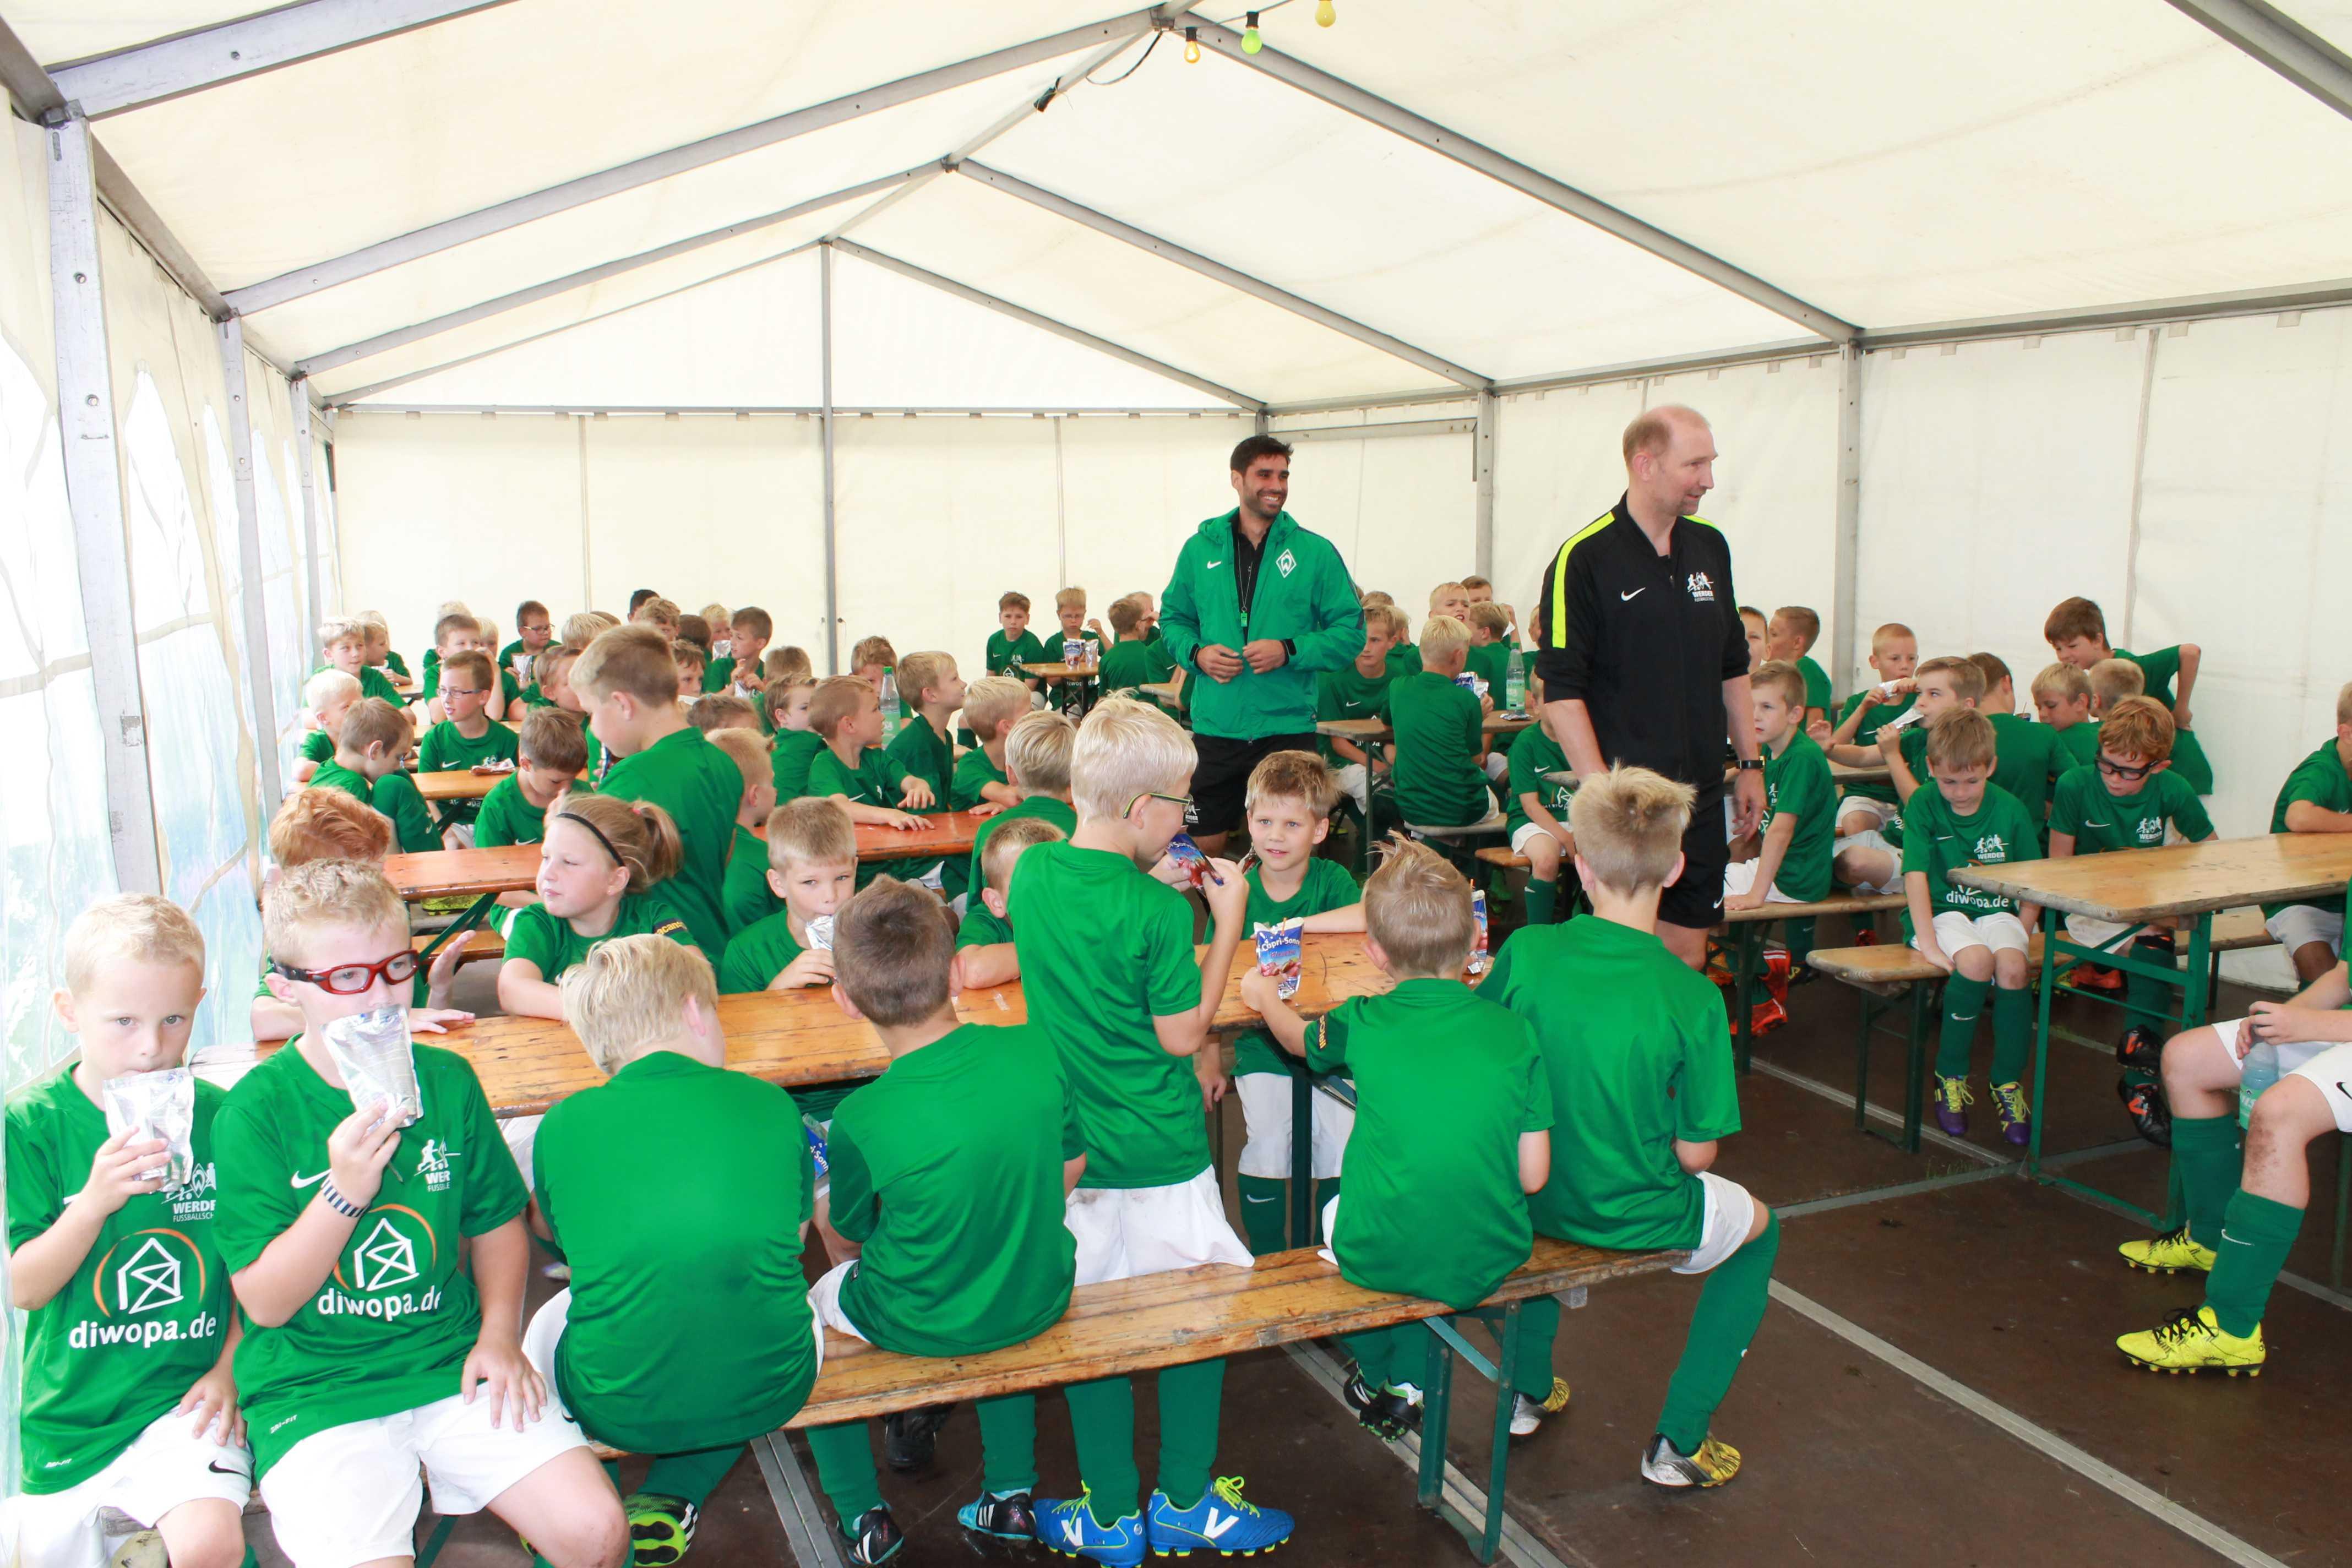 2016-08-13 Werder CAMPontour - Samstag (78)